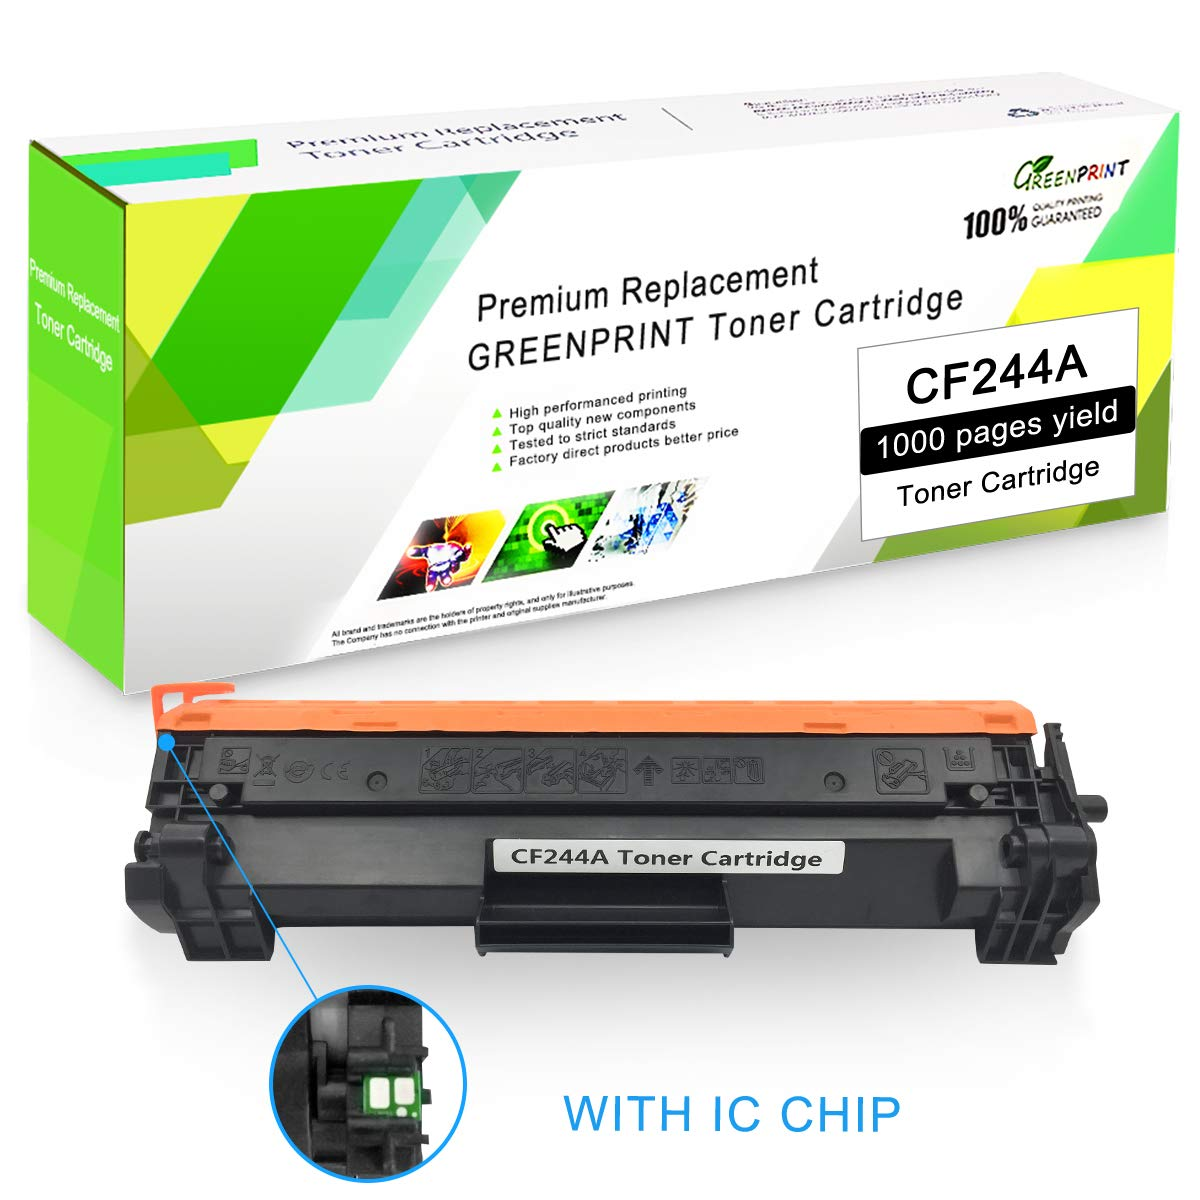 Cartucho de Tóner Compatible CF244A 44A (2 Negro) con Chip GREENPRINT 1000 páginas para Uso en Impresoras láser Color HP Laserjet Pro HP Pro M14 M15a ...